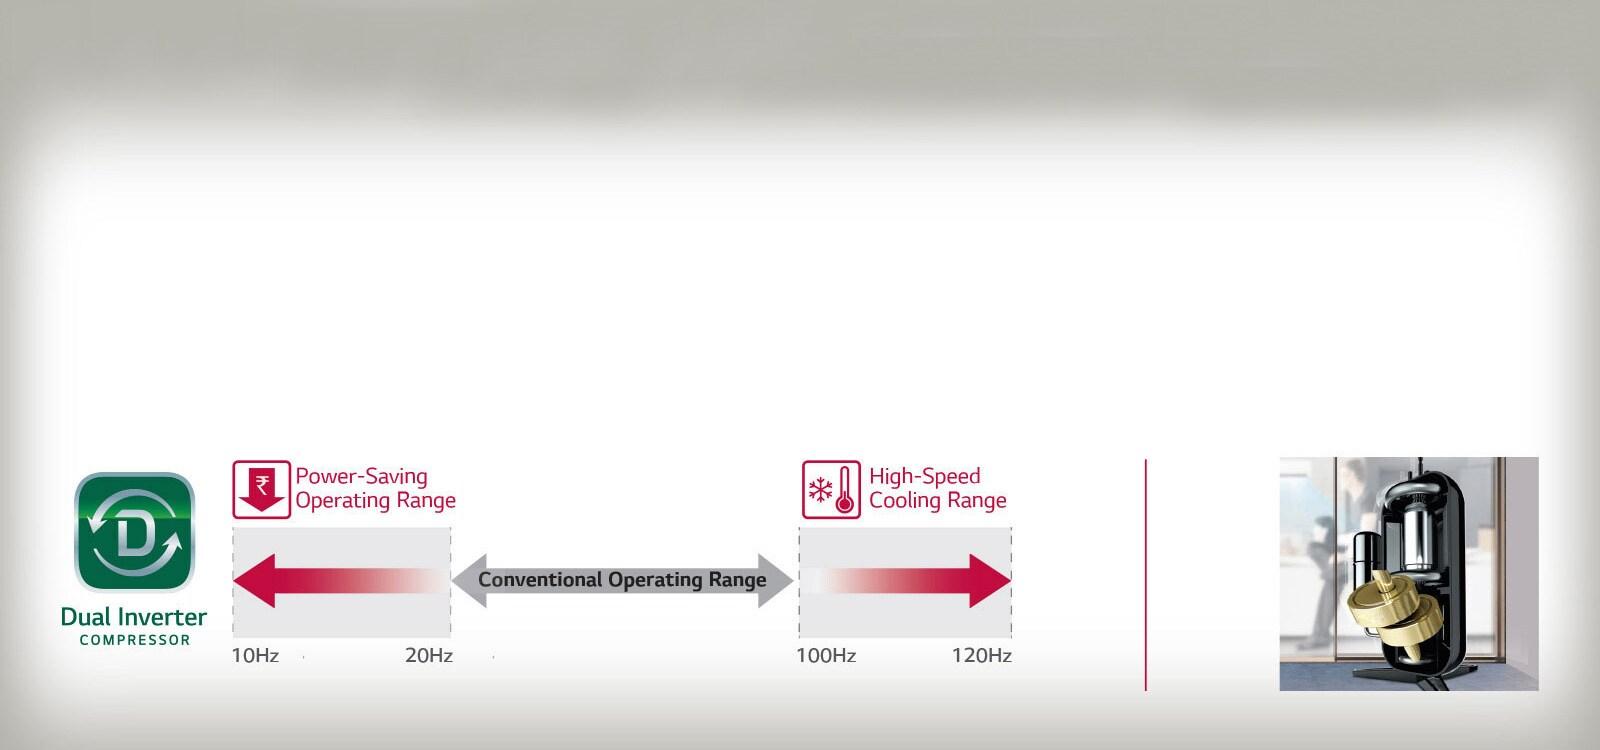 LG LS-H12VNXD Dual Inverter Compressor